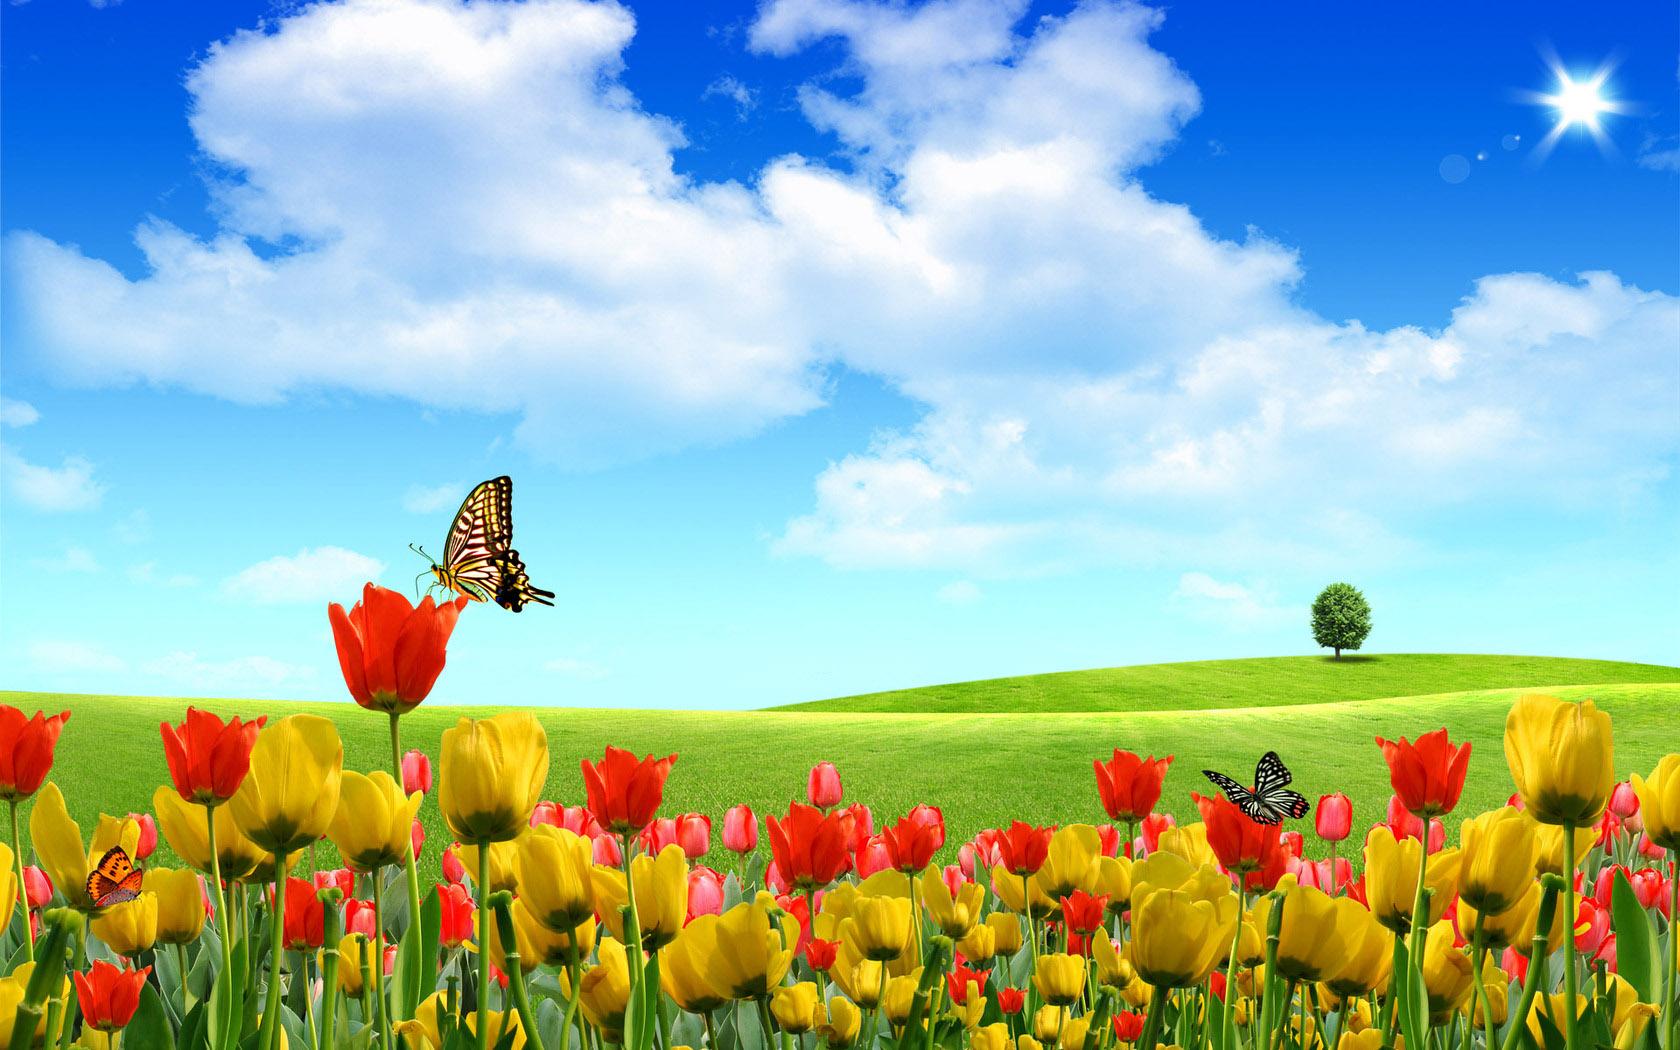 Flower Landscape Wallpaper 1680x1050 78236